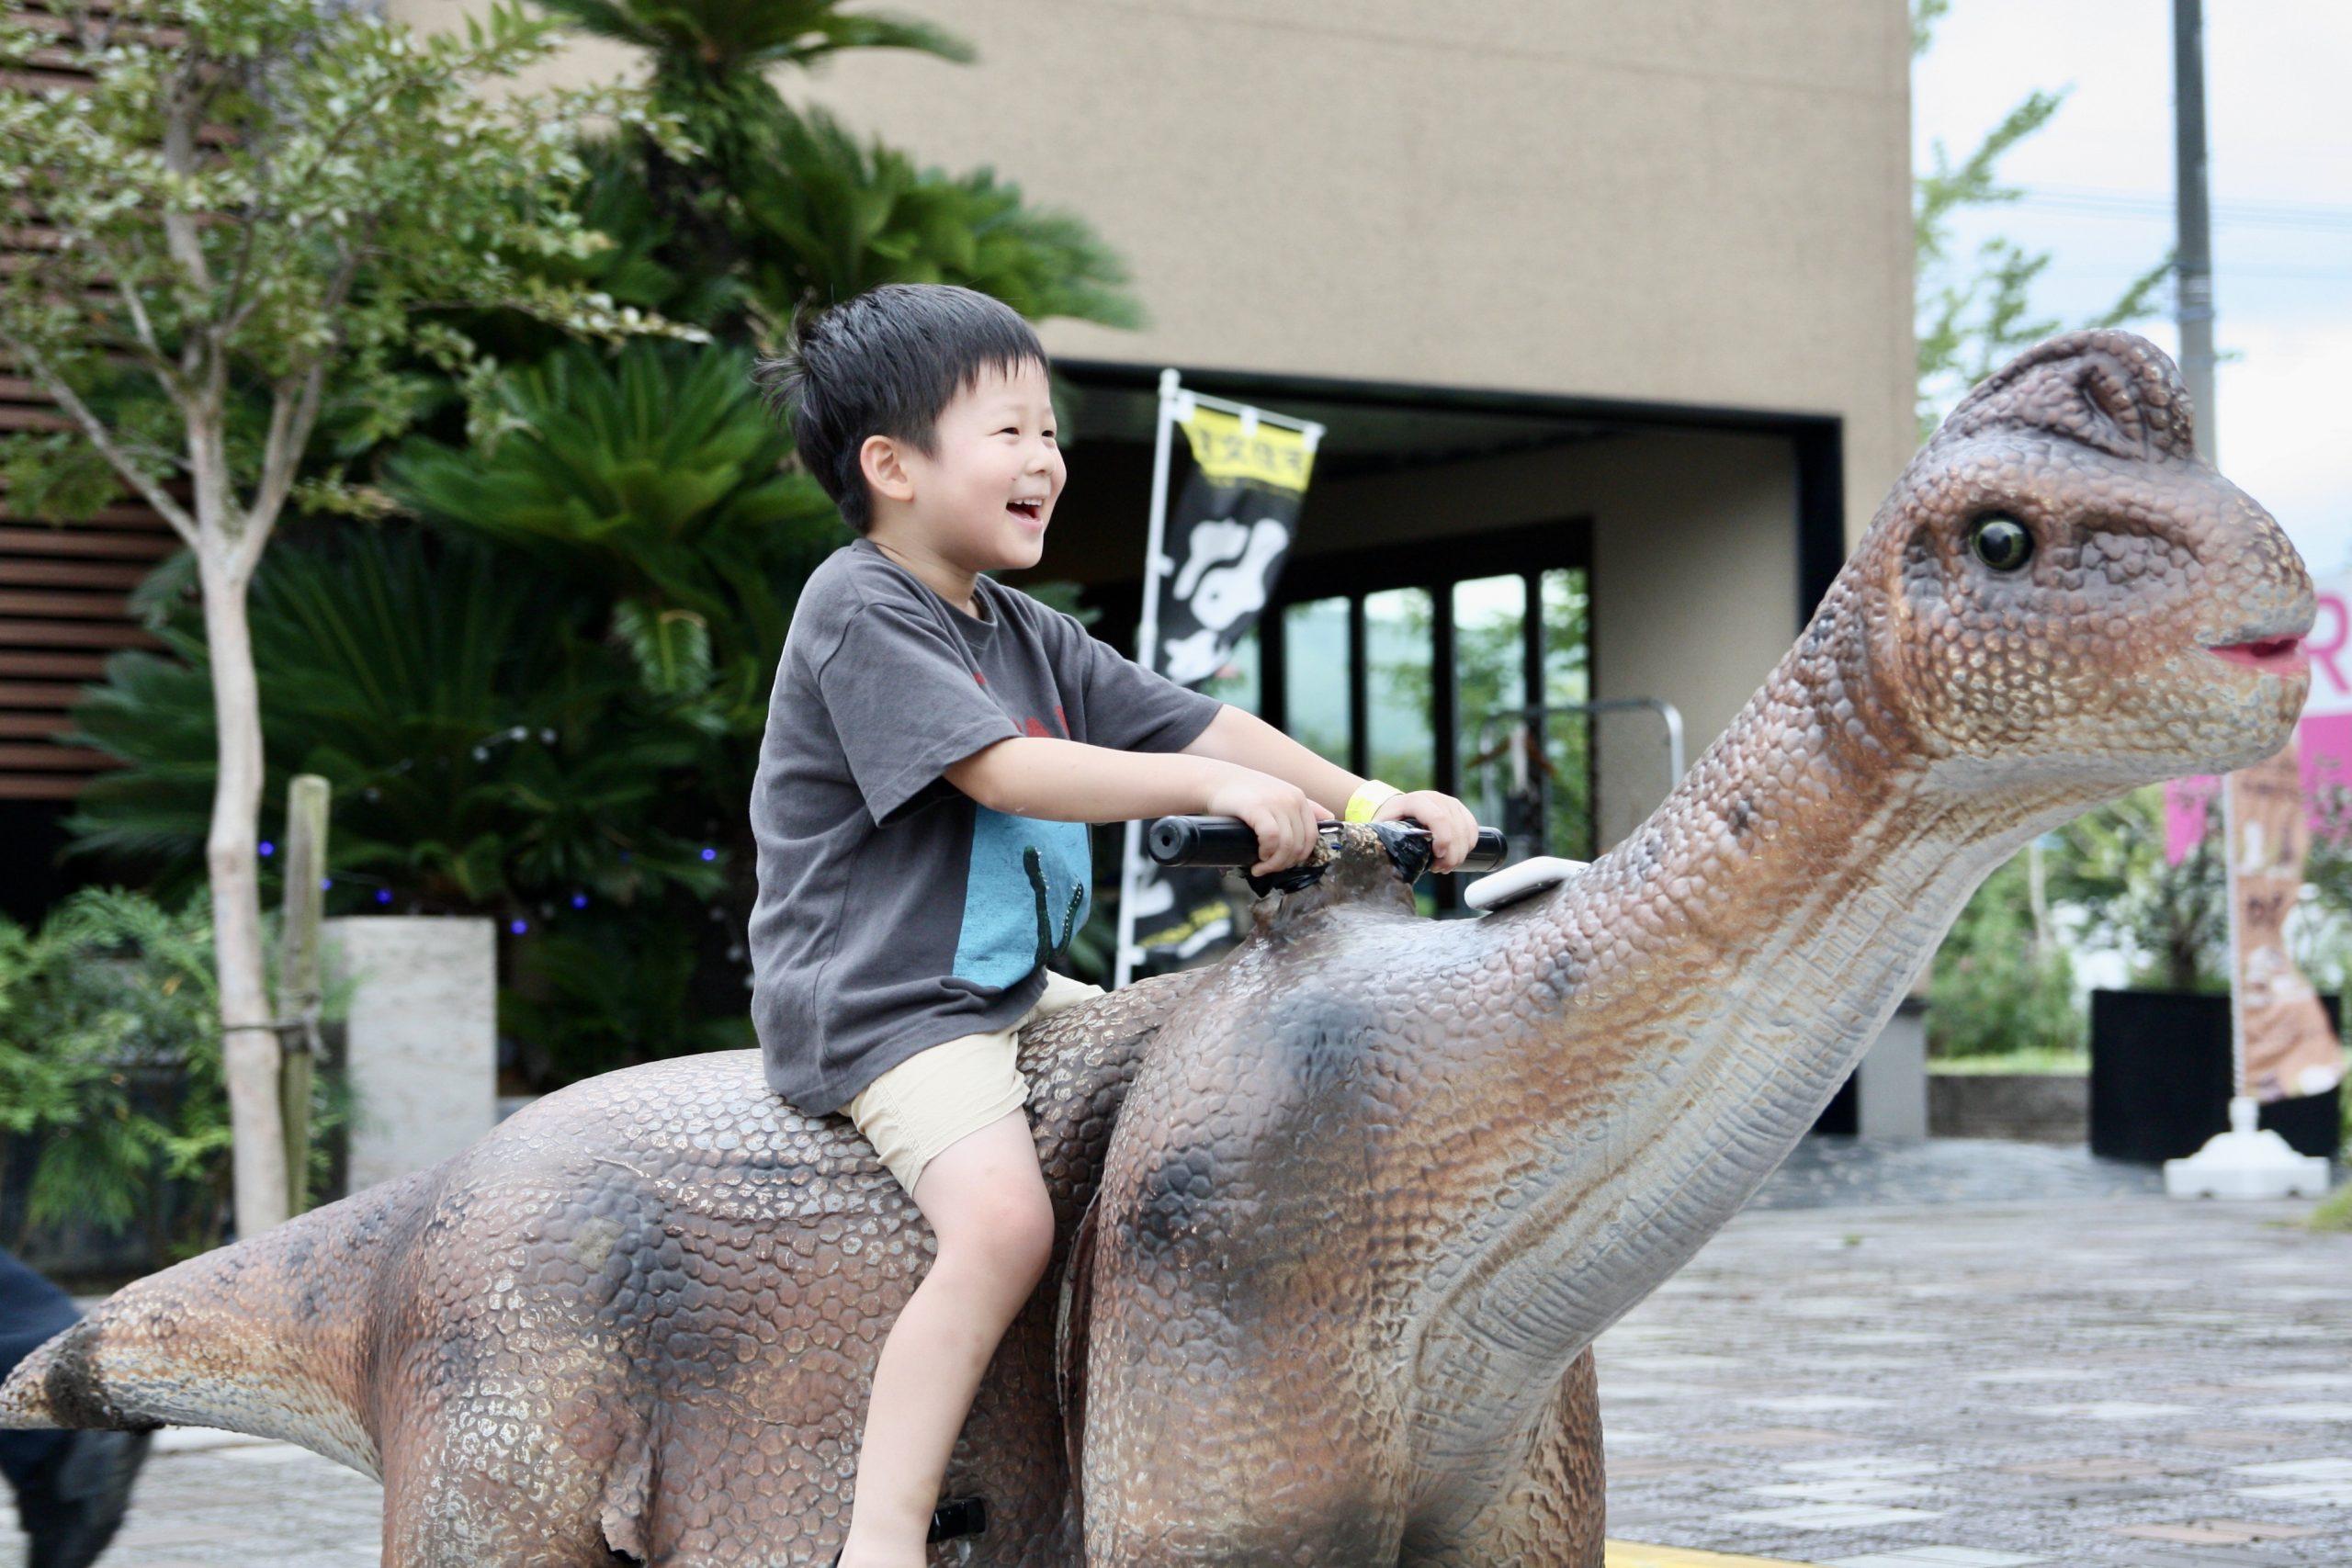 7月の『サマーフェスタ』第1弾は、子どもに人気の恐竜たちが大集合!